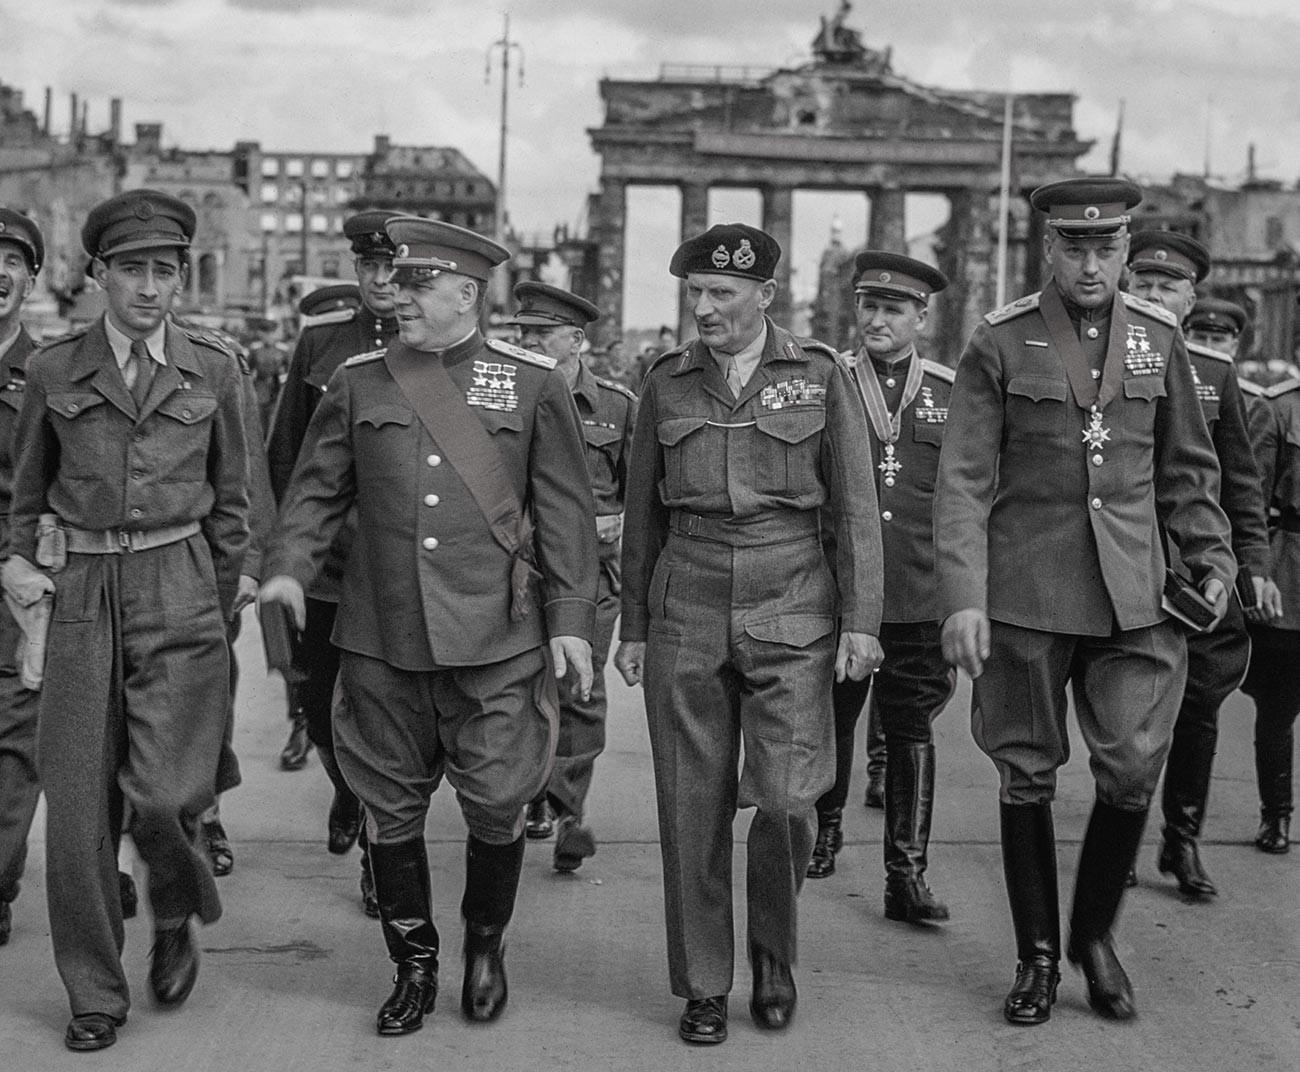 Заместник върховният главнокомандващ на Червената армия, маршал Г. Жуков, командирът на 21-ва армейска група, фелдмаршал сър Бърнард Монтгомъри, маршал Константин Рокосовски и генерал Соколовски от Червената армия пред Бранденбургската врата